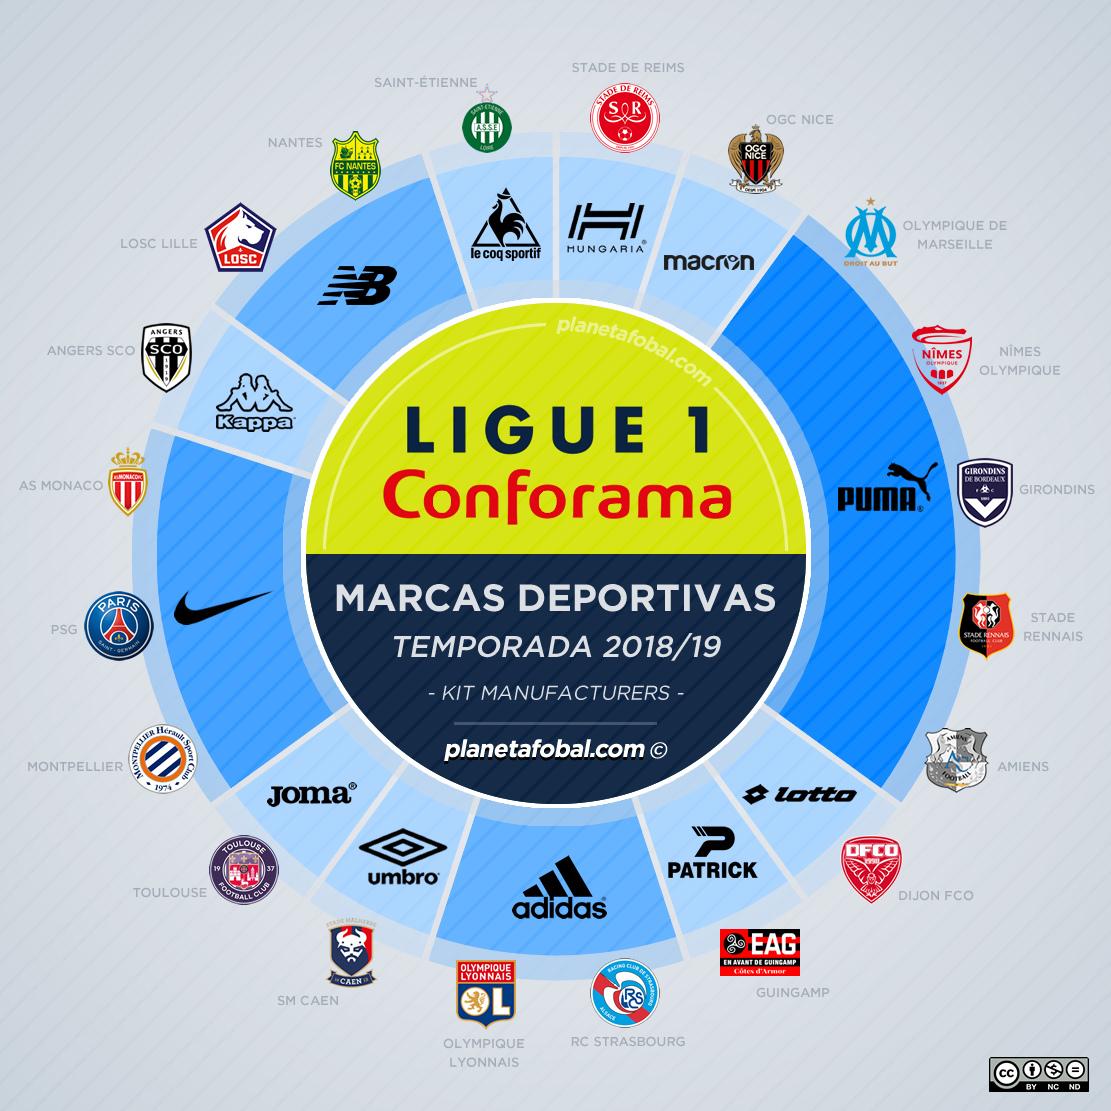 Las marcas deportivas de la Ligue 1 de Francia 2018/19 | planetafobal ©